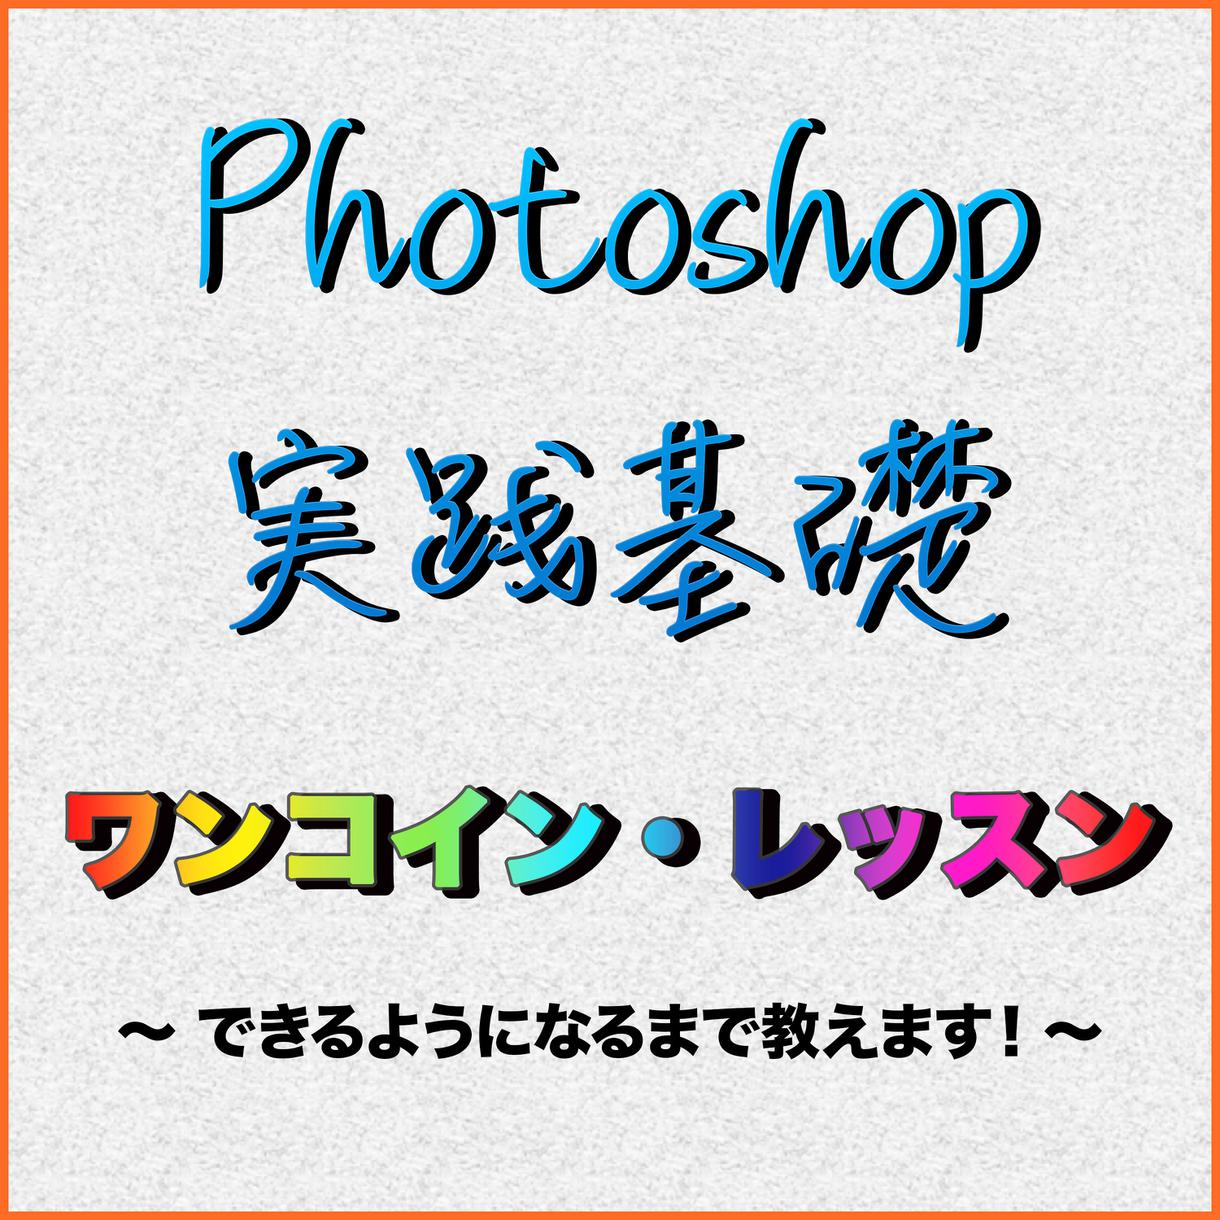 え?500円で!?Photoshop基礎教えます ★プロレベルのバナーやチラシなどが作れるようになります★